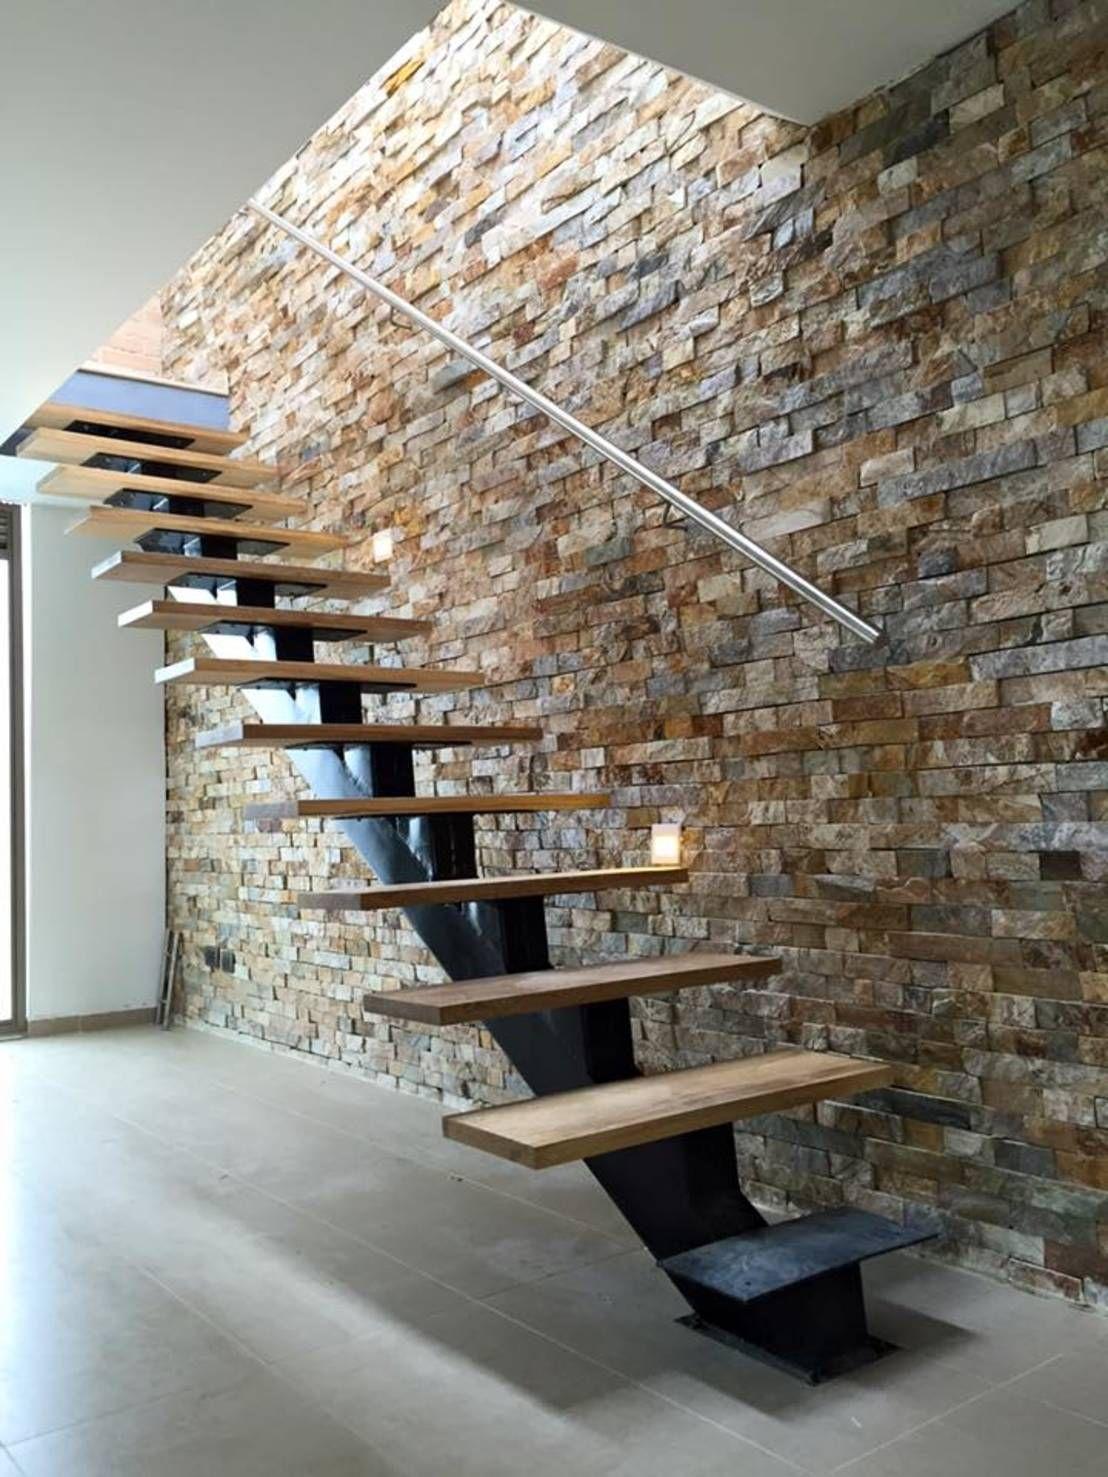 Arquitectura Casas Escaleras Exteriores Arquitectura: Reforma De Apartamento En El Barrio Estadio Por ALSE Taller De Arquitectura Y Diseño